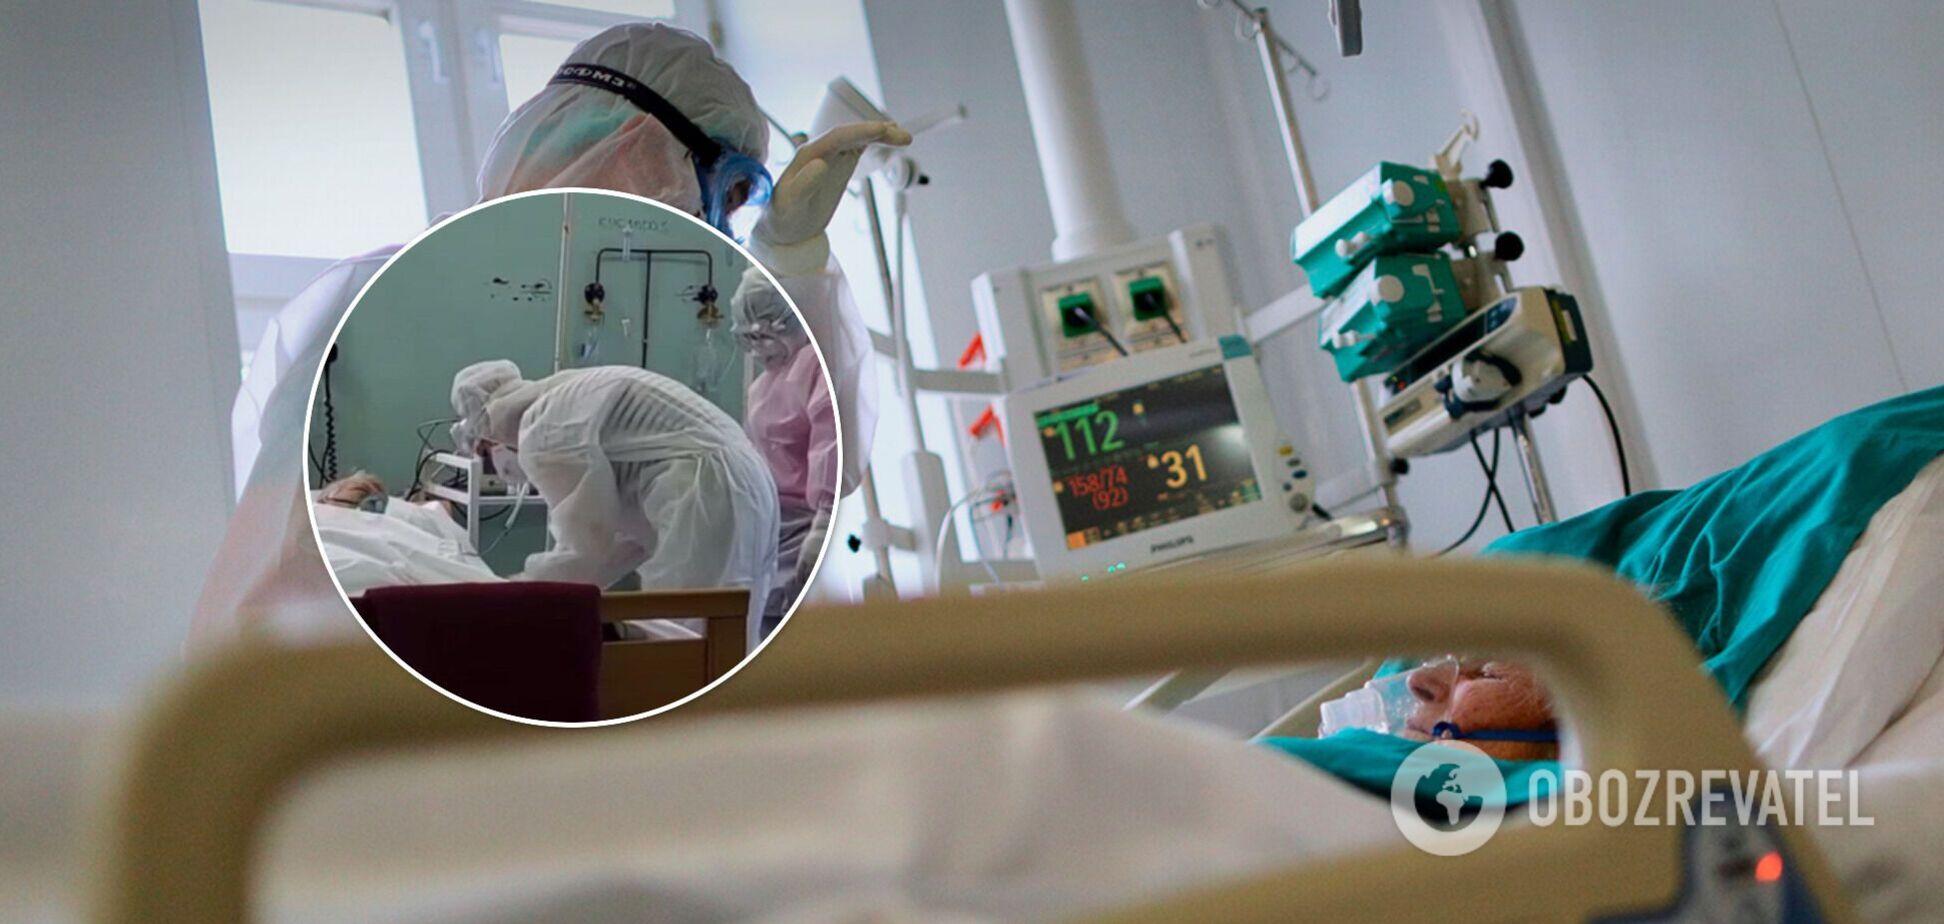 Стогін хворих і гул концентраторів: з'явилося нове відео з COVID-лікарні в Мелітополі